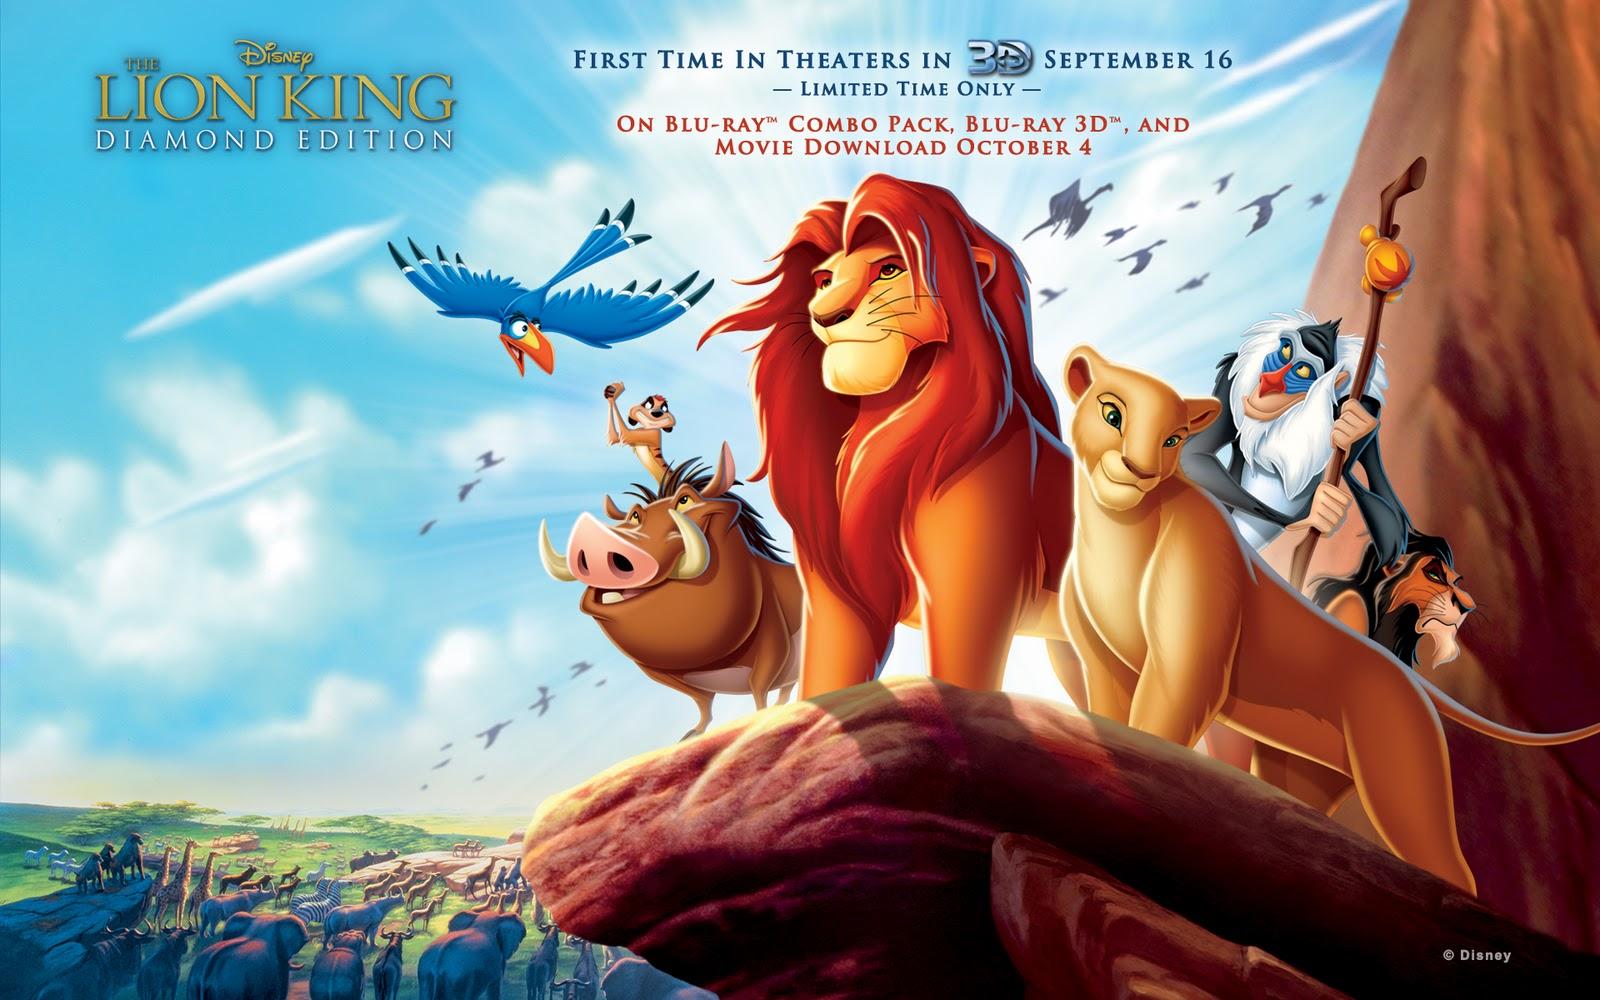 http://4.bp.blogspot.com/-BWufrCq26r4/TptnE2tyySI/AAAAAAAAAo0/gfZ7KcSIVrU/s1600/Lion+king+3d+wallpaper+1.jpg